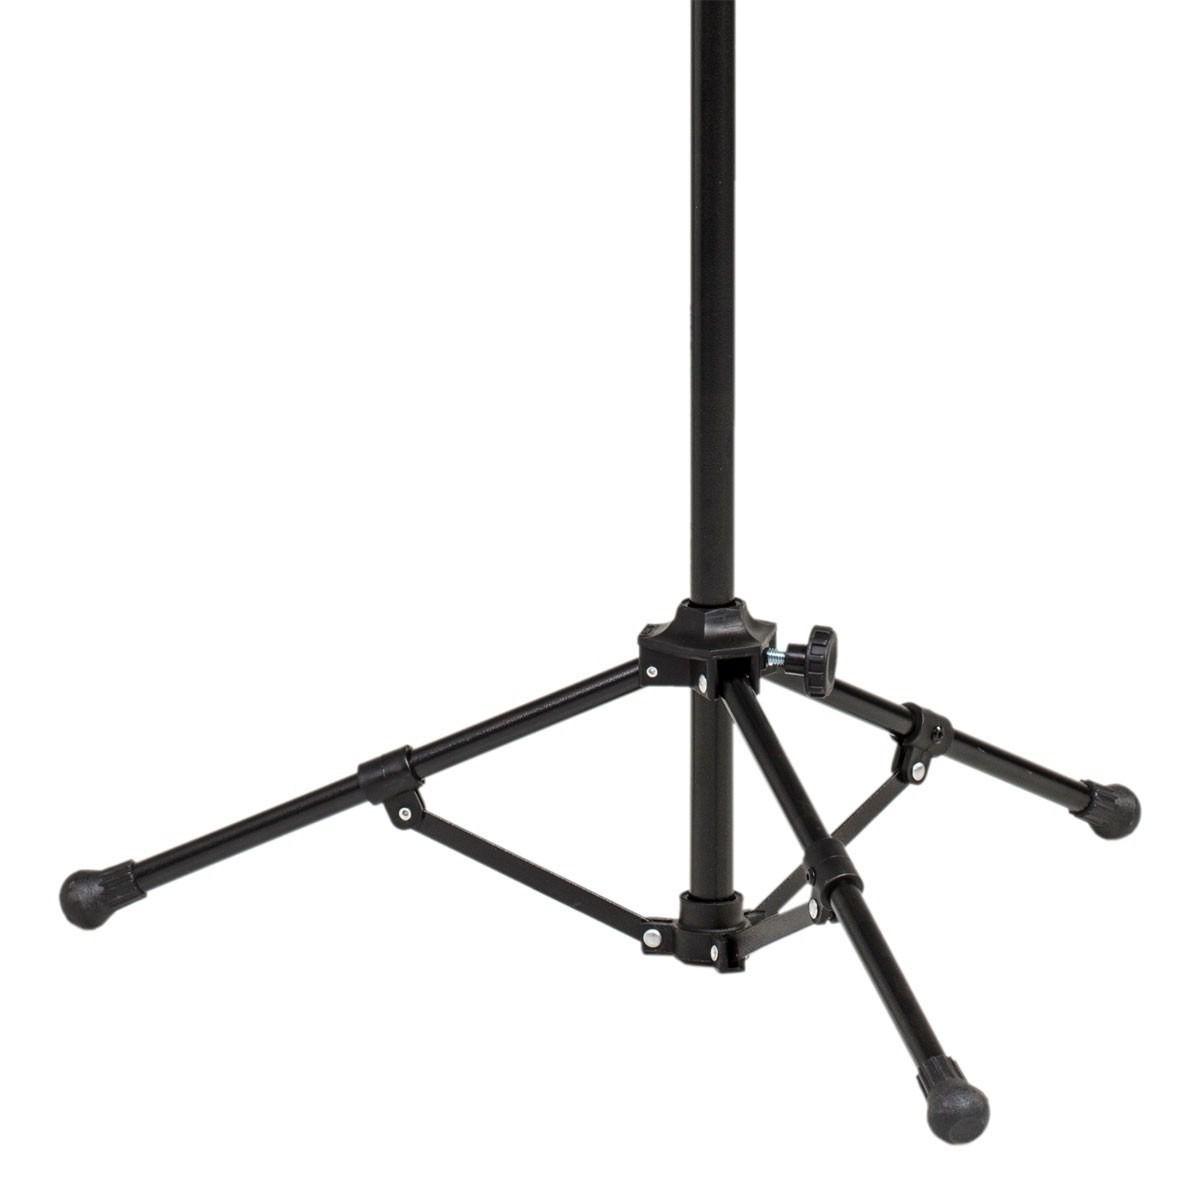 Kit com 02 Pedestais com Cachimbos para 01 Microfone - Vector  - Loja Portal